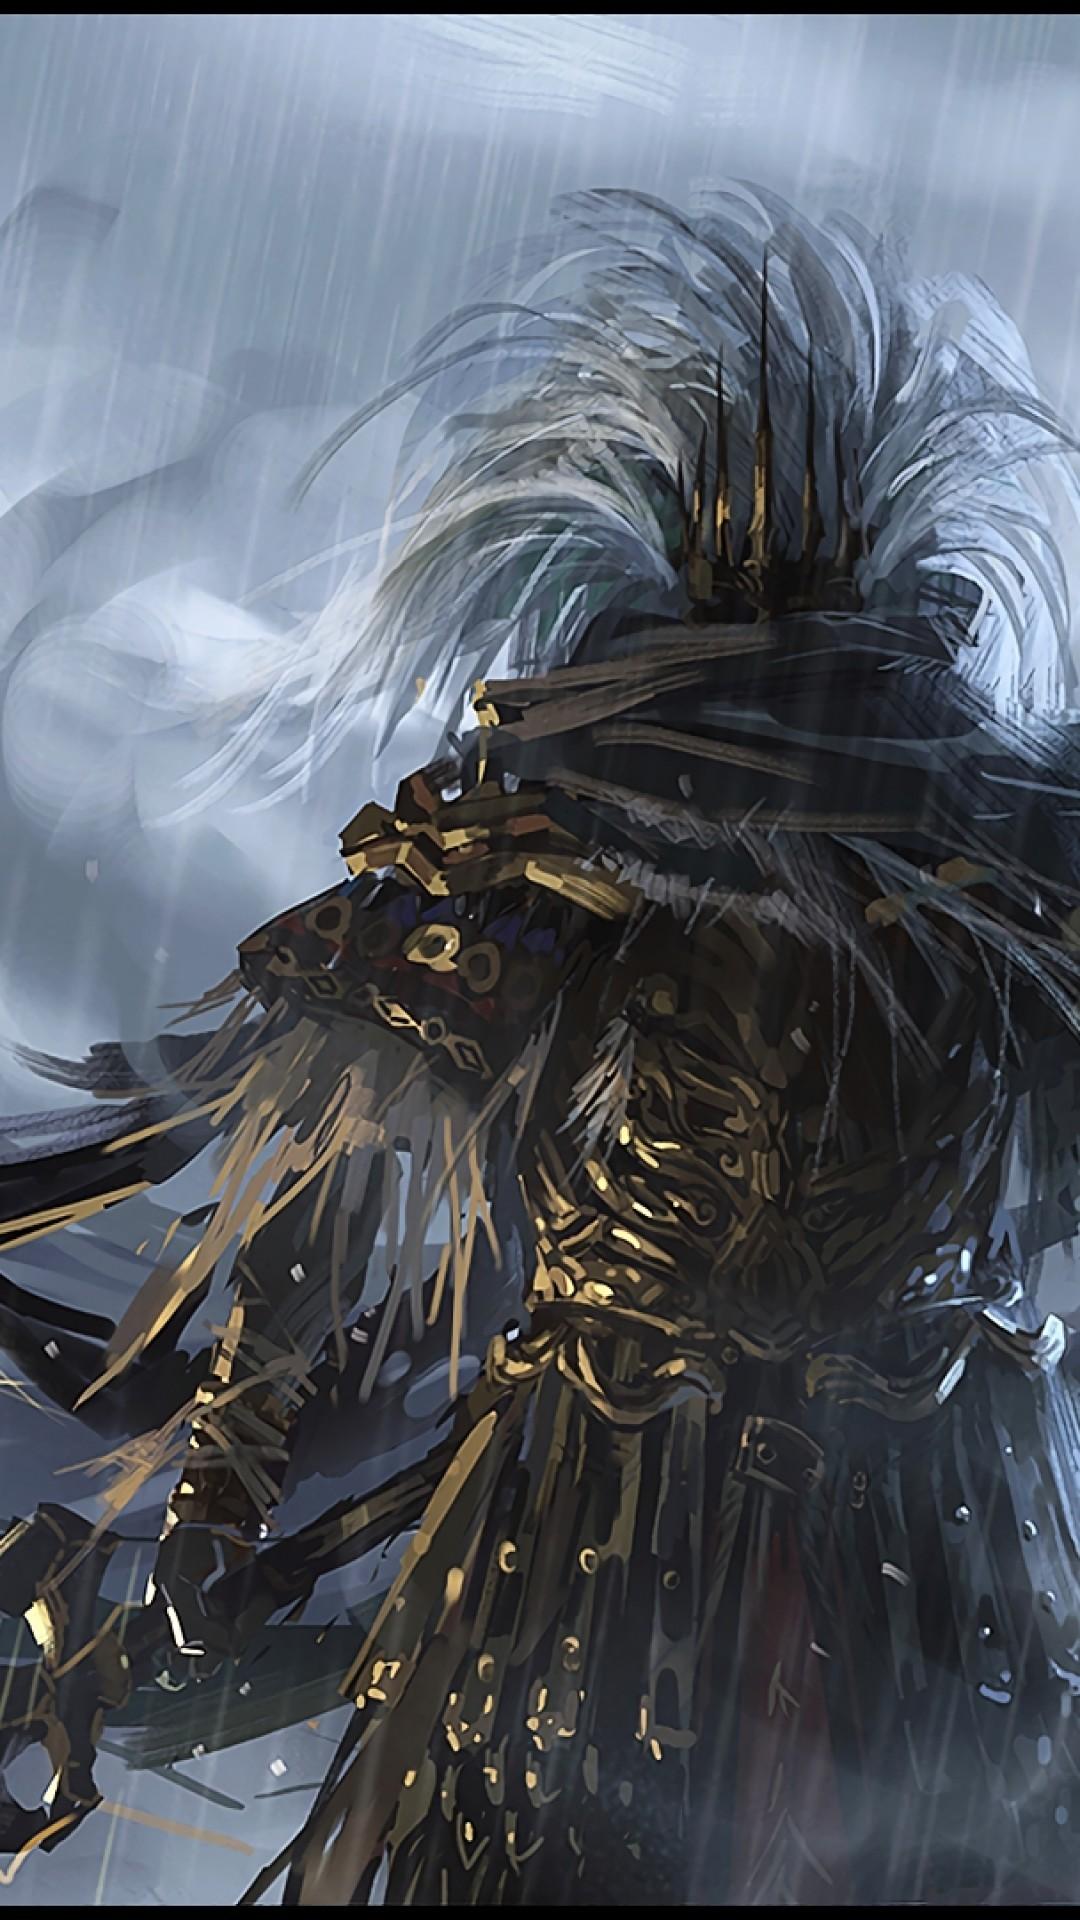 Dark Souls 3, Nameless King, Boss, Spear, Painting, Artwork